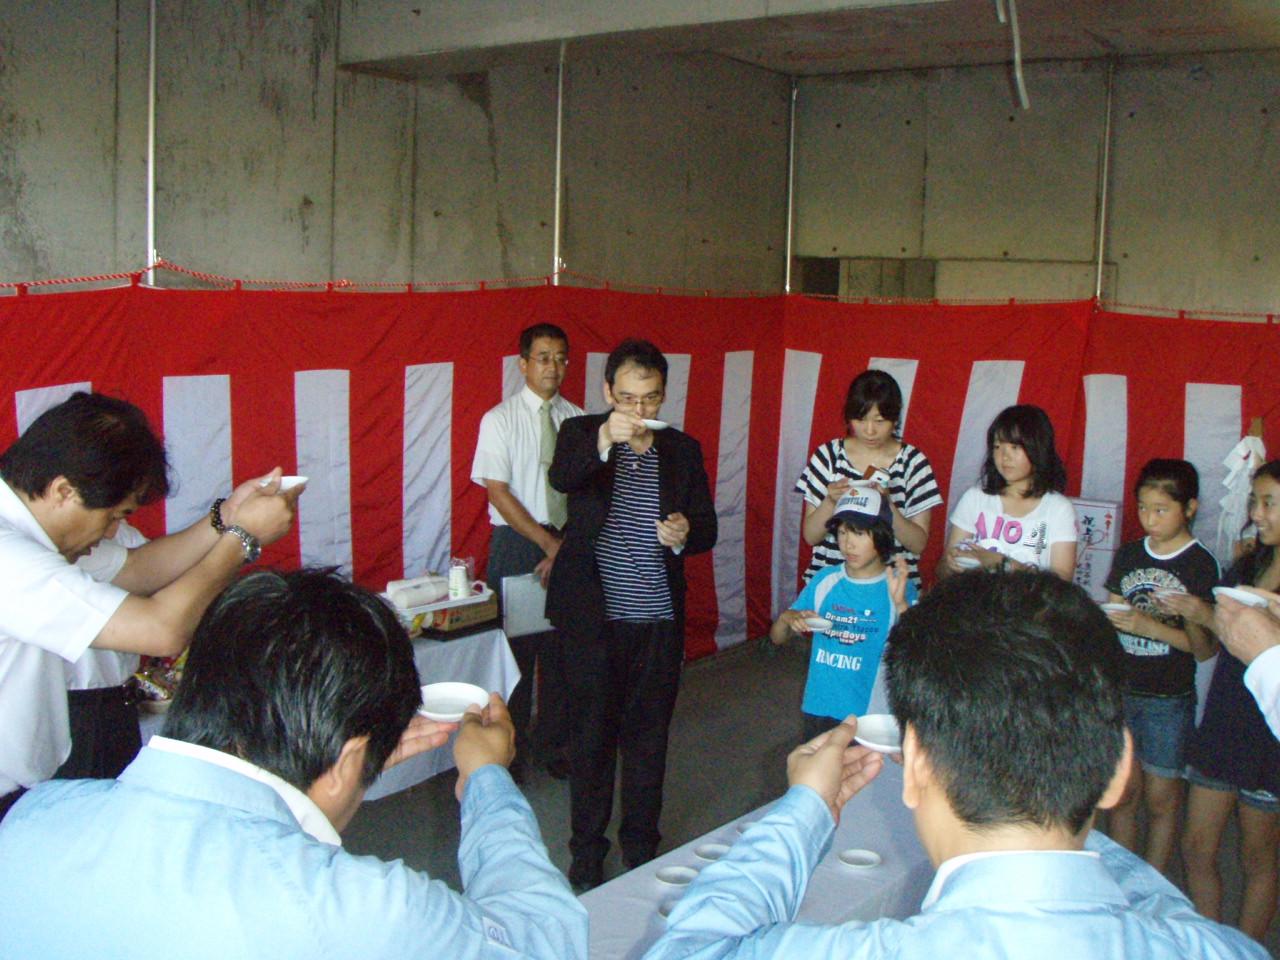 吉野の増田動物病院が上棟しました。_d0174072_11115497.jpg